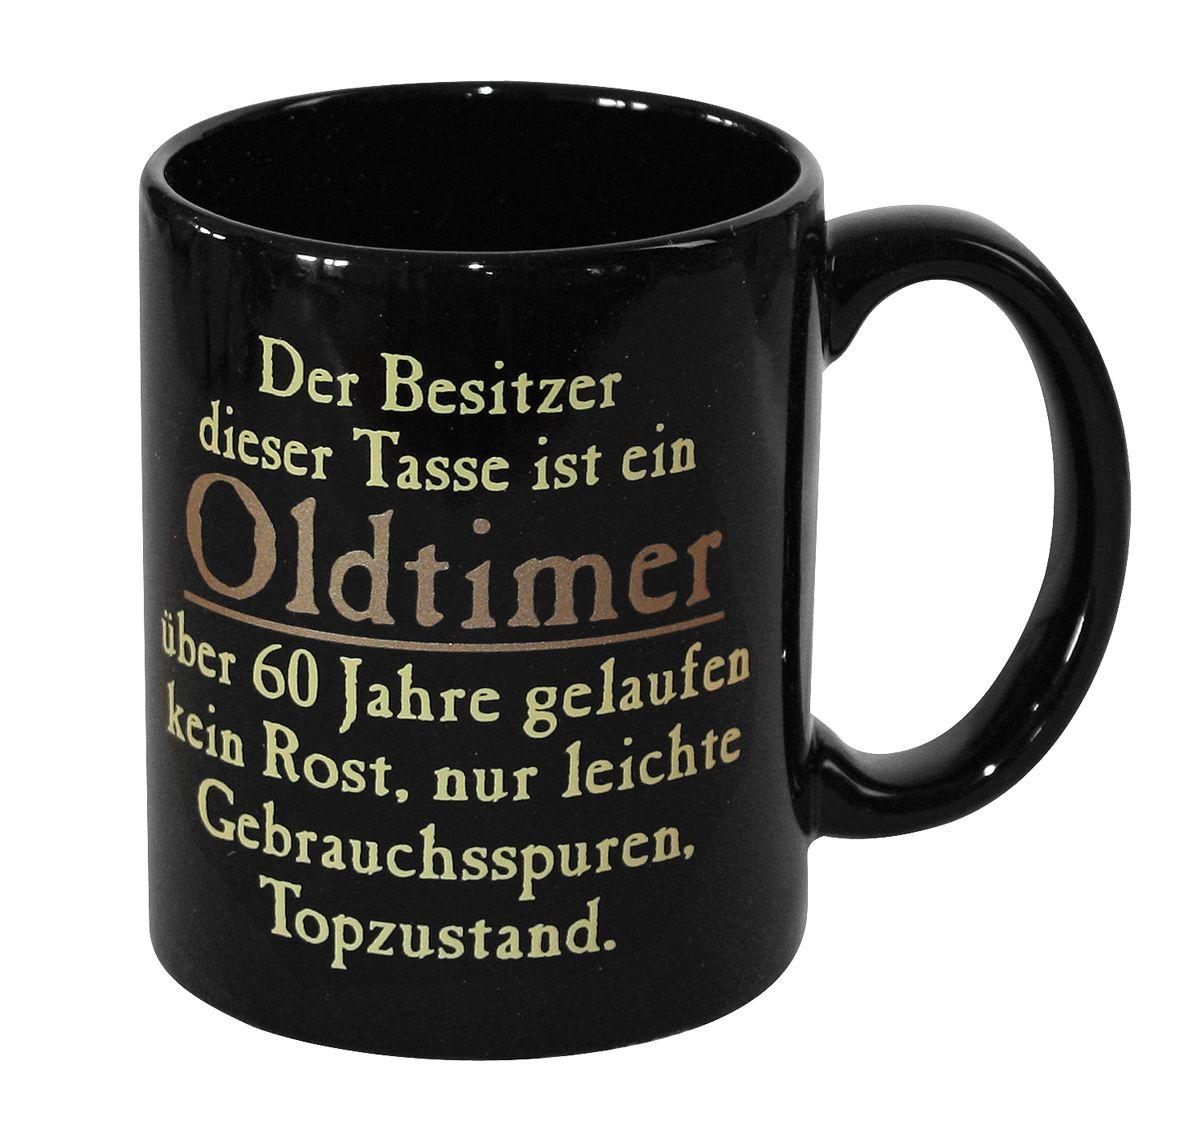 Oldtimer Tasse 60 Jahre Geschenke Fur Rentner Tassen Und 60er Jahre